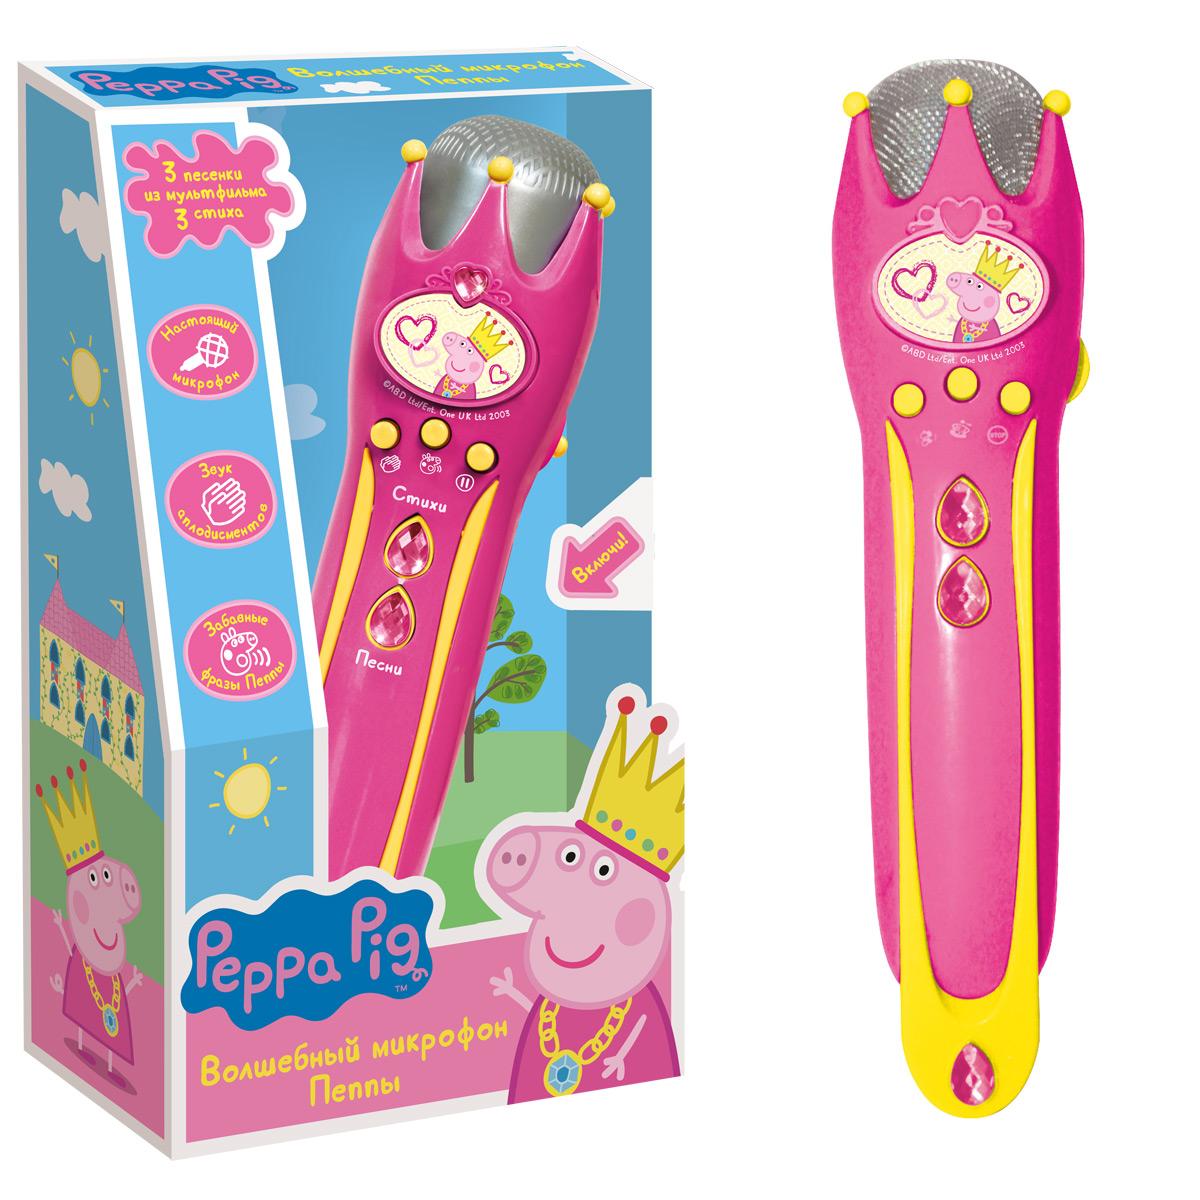 Музыкальный микрофон с усилителем ™ Peppa PigМикрофоны и танцевальные коврики<br>Музыкальный микрофон с усилителем ™ Peppa Pig<br>